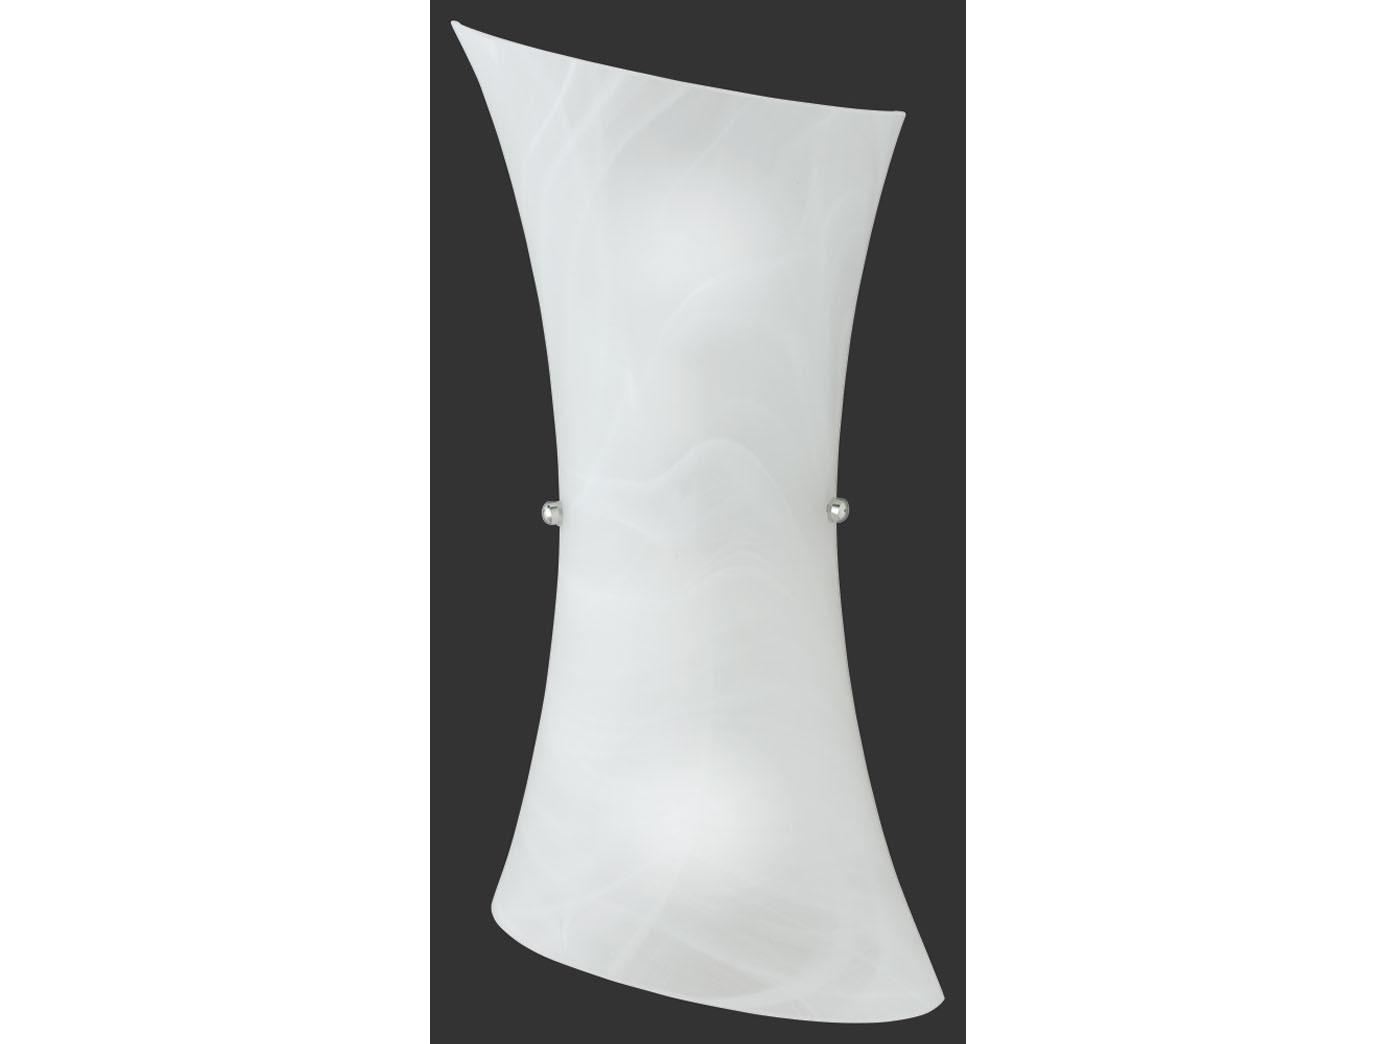 Trio-Leuchten Alabaster mattweiß Wandleuchte aus Glas Höhe 40cm